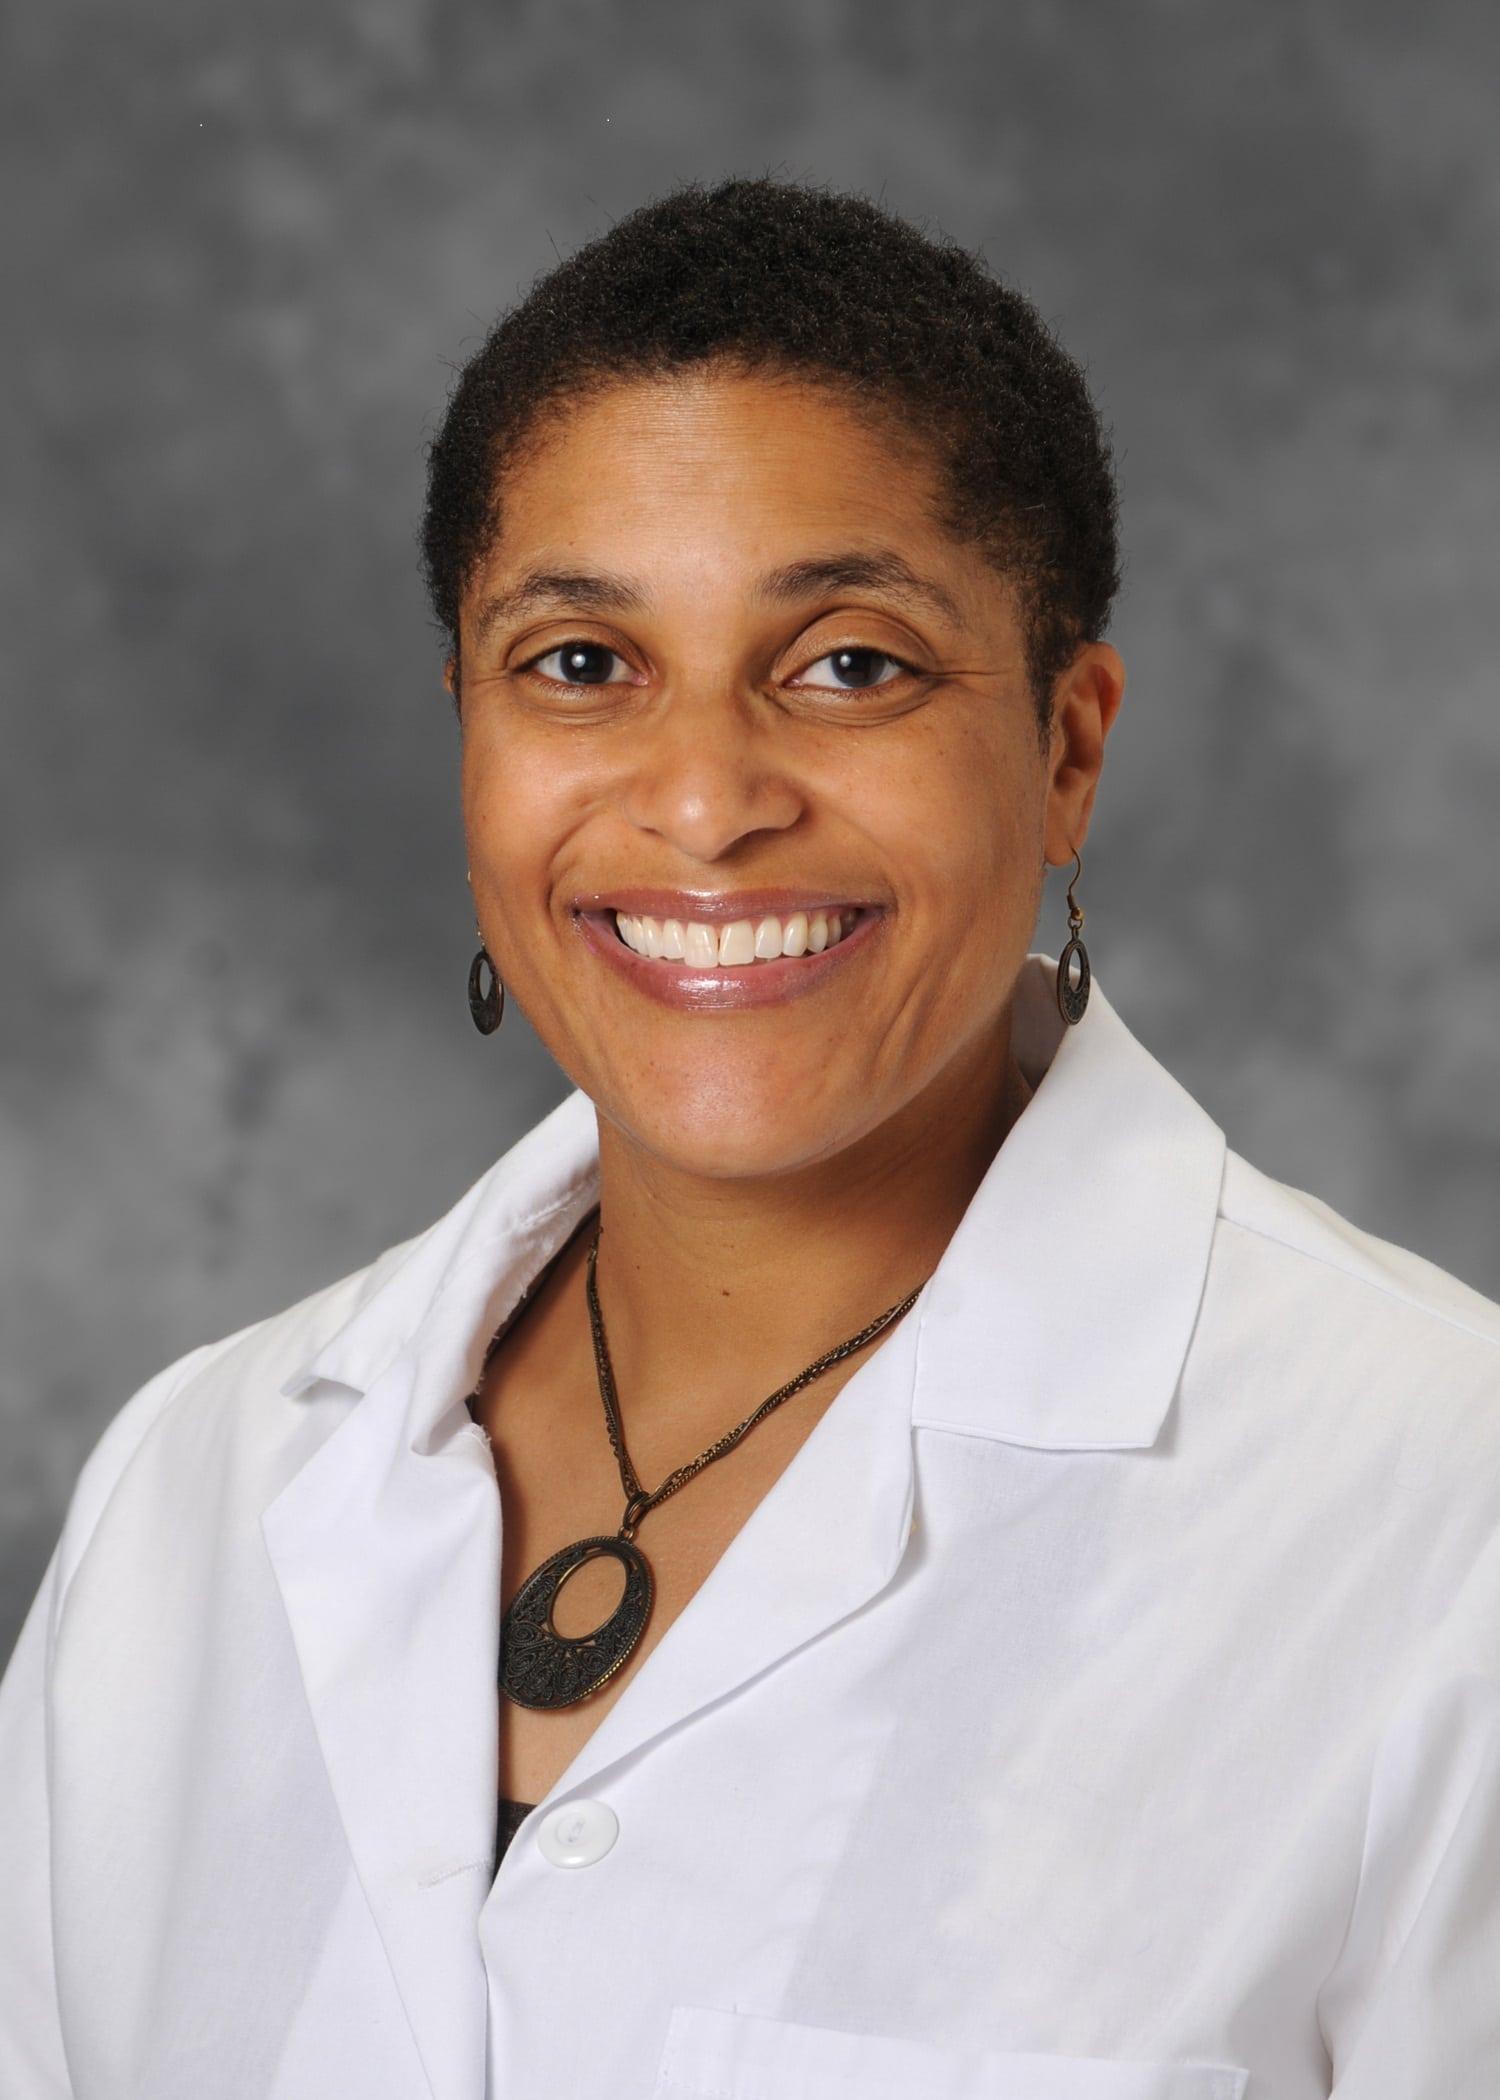 Dr. Sarah B Mcdade MD